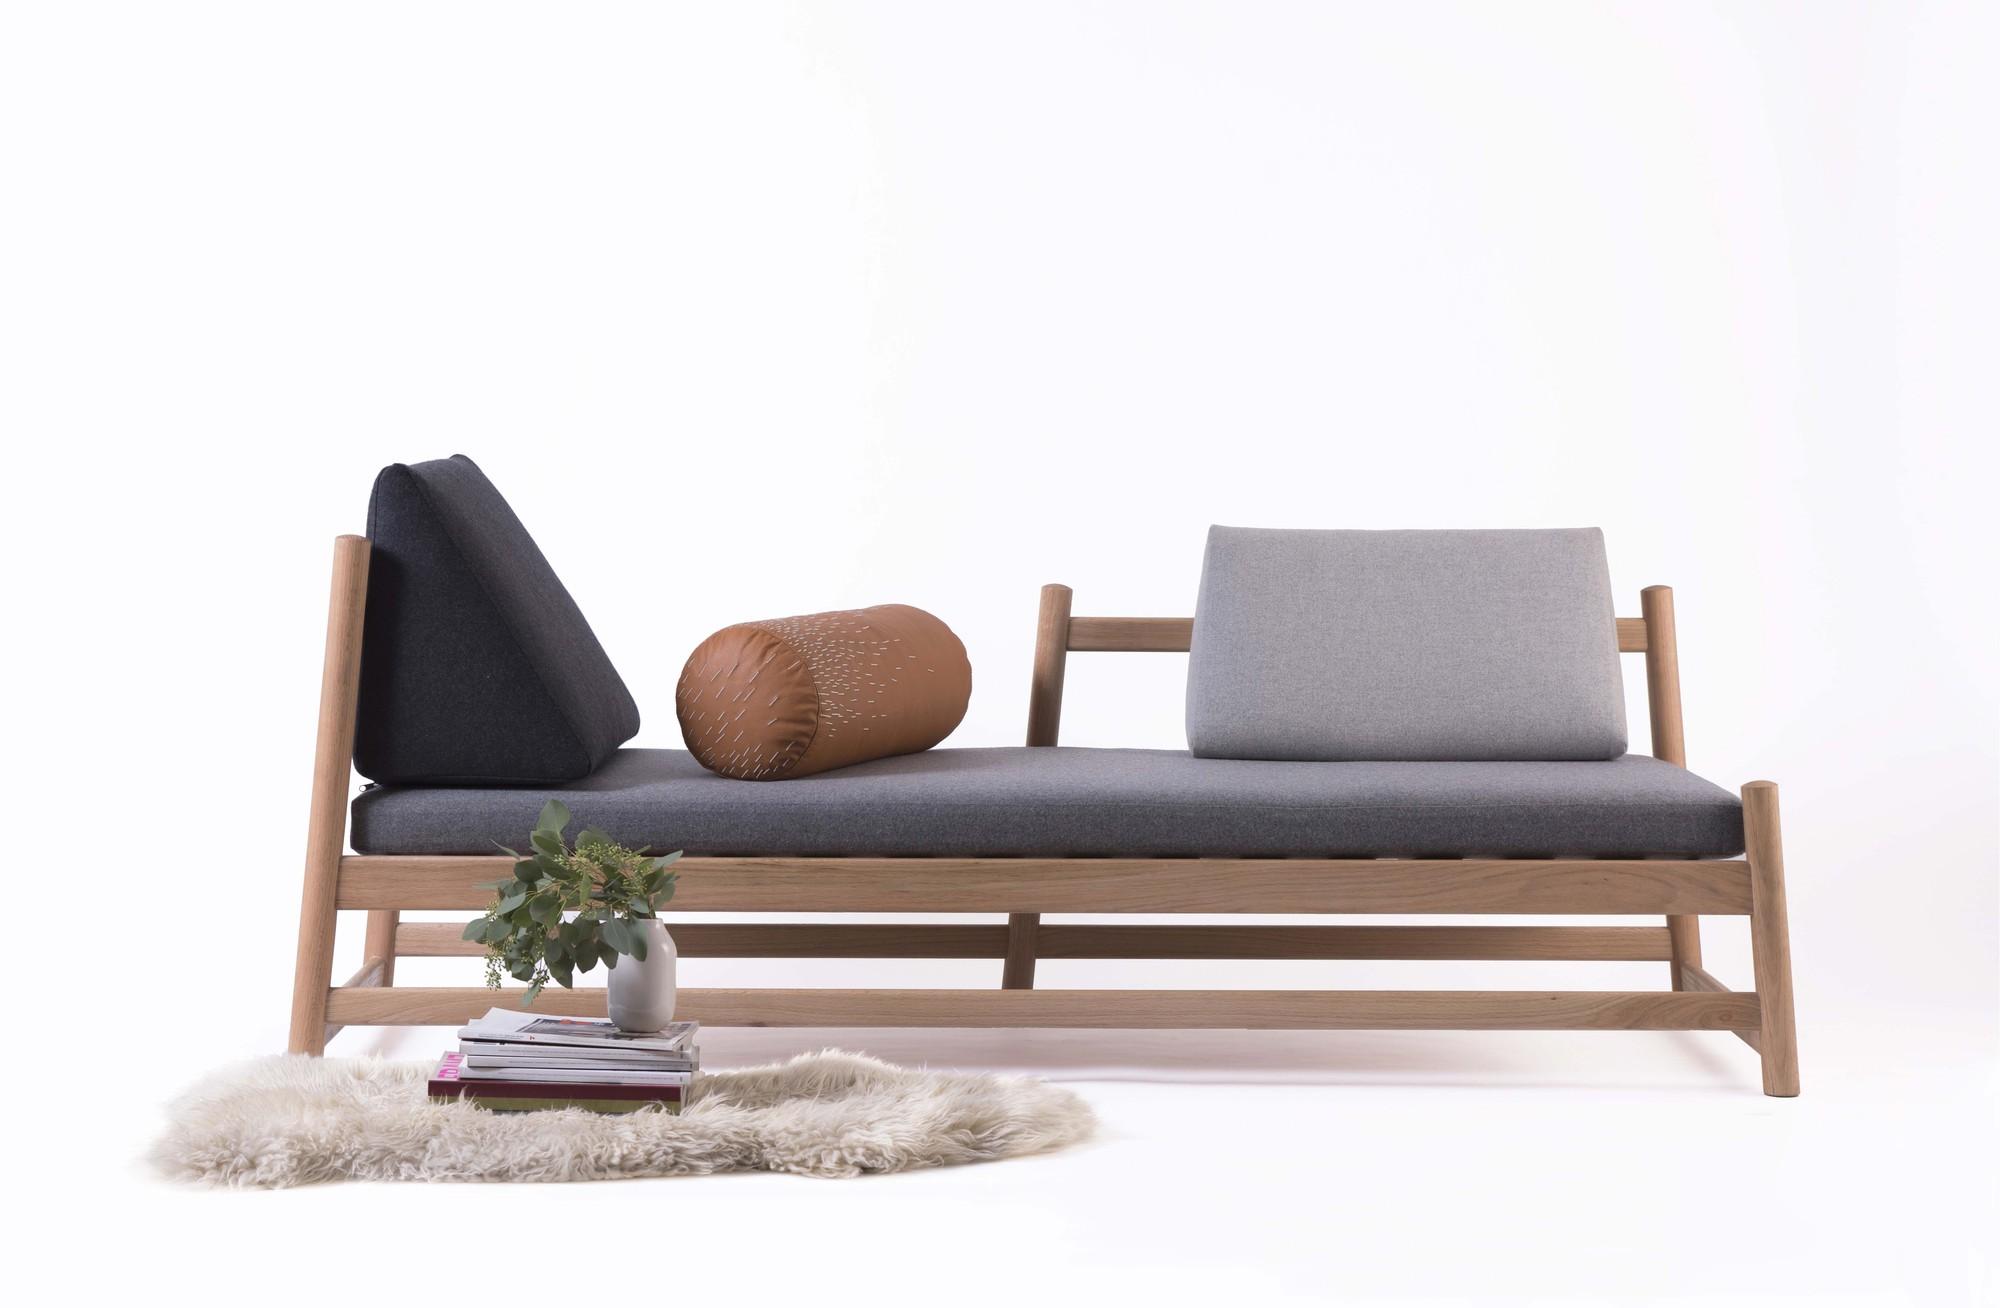 Muebles Plataforma Arquitectura # Muebles Pura Vida